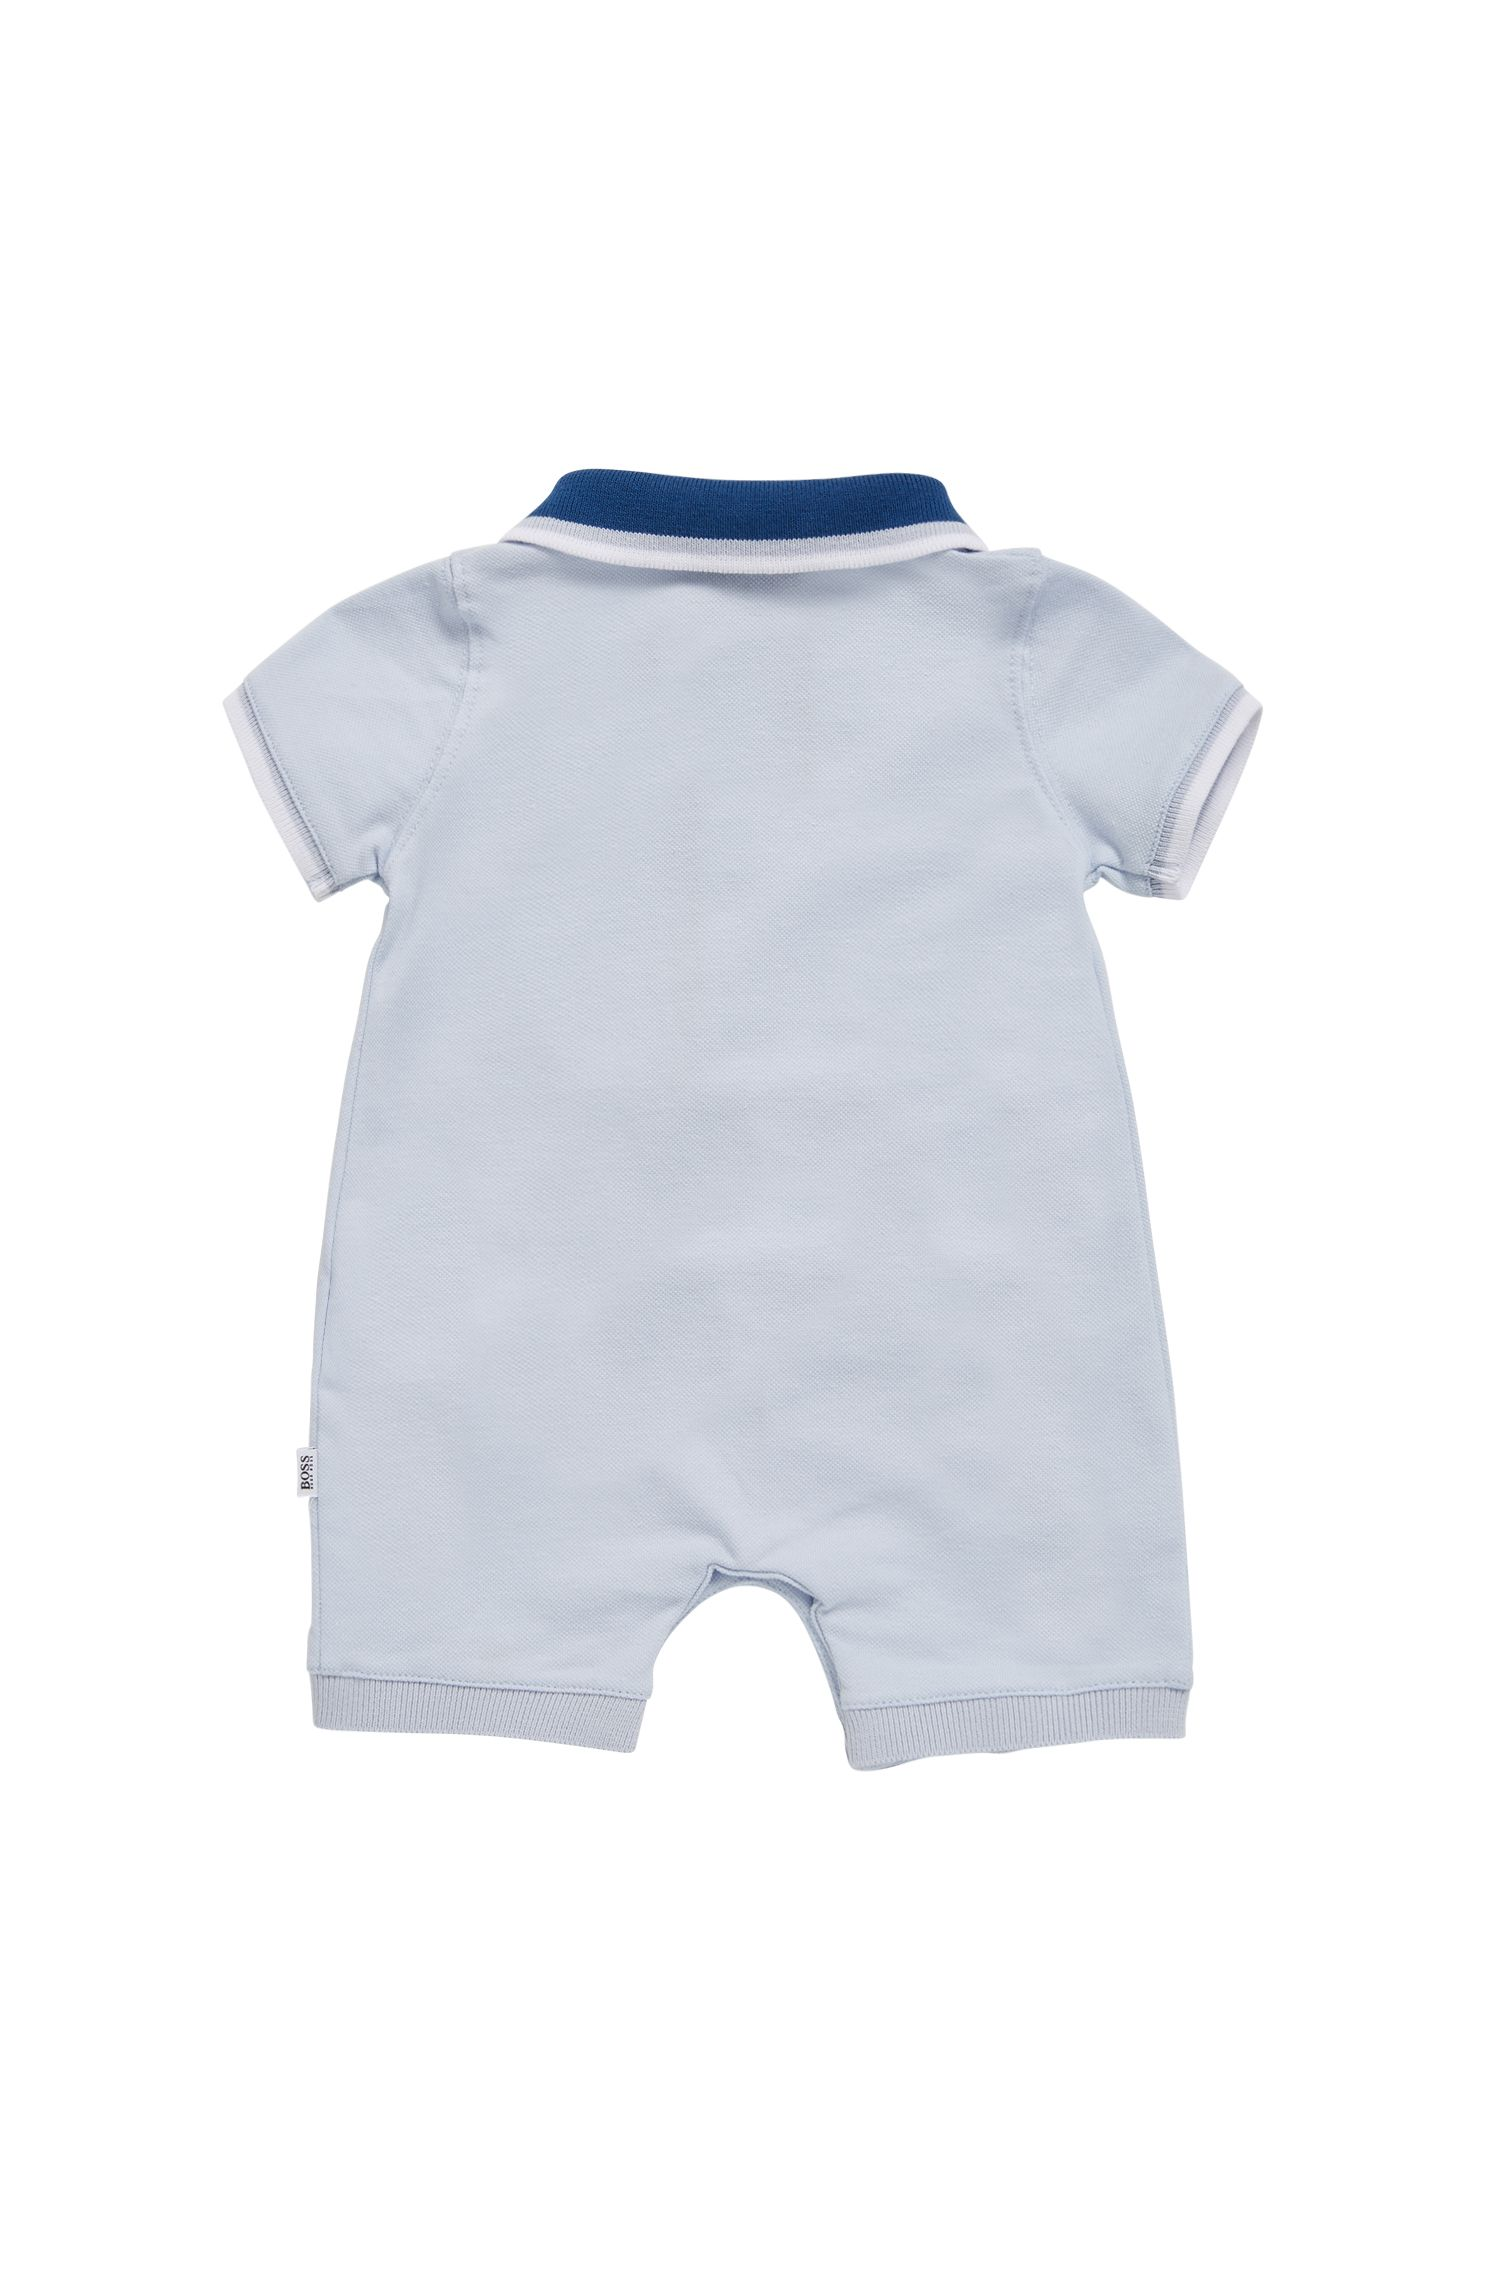 Hugo Boss - Baby-Jumpsuit aus elastischem Baumwoll-Piqué - 2